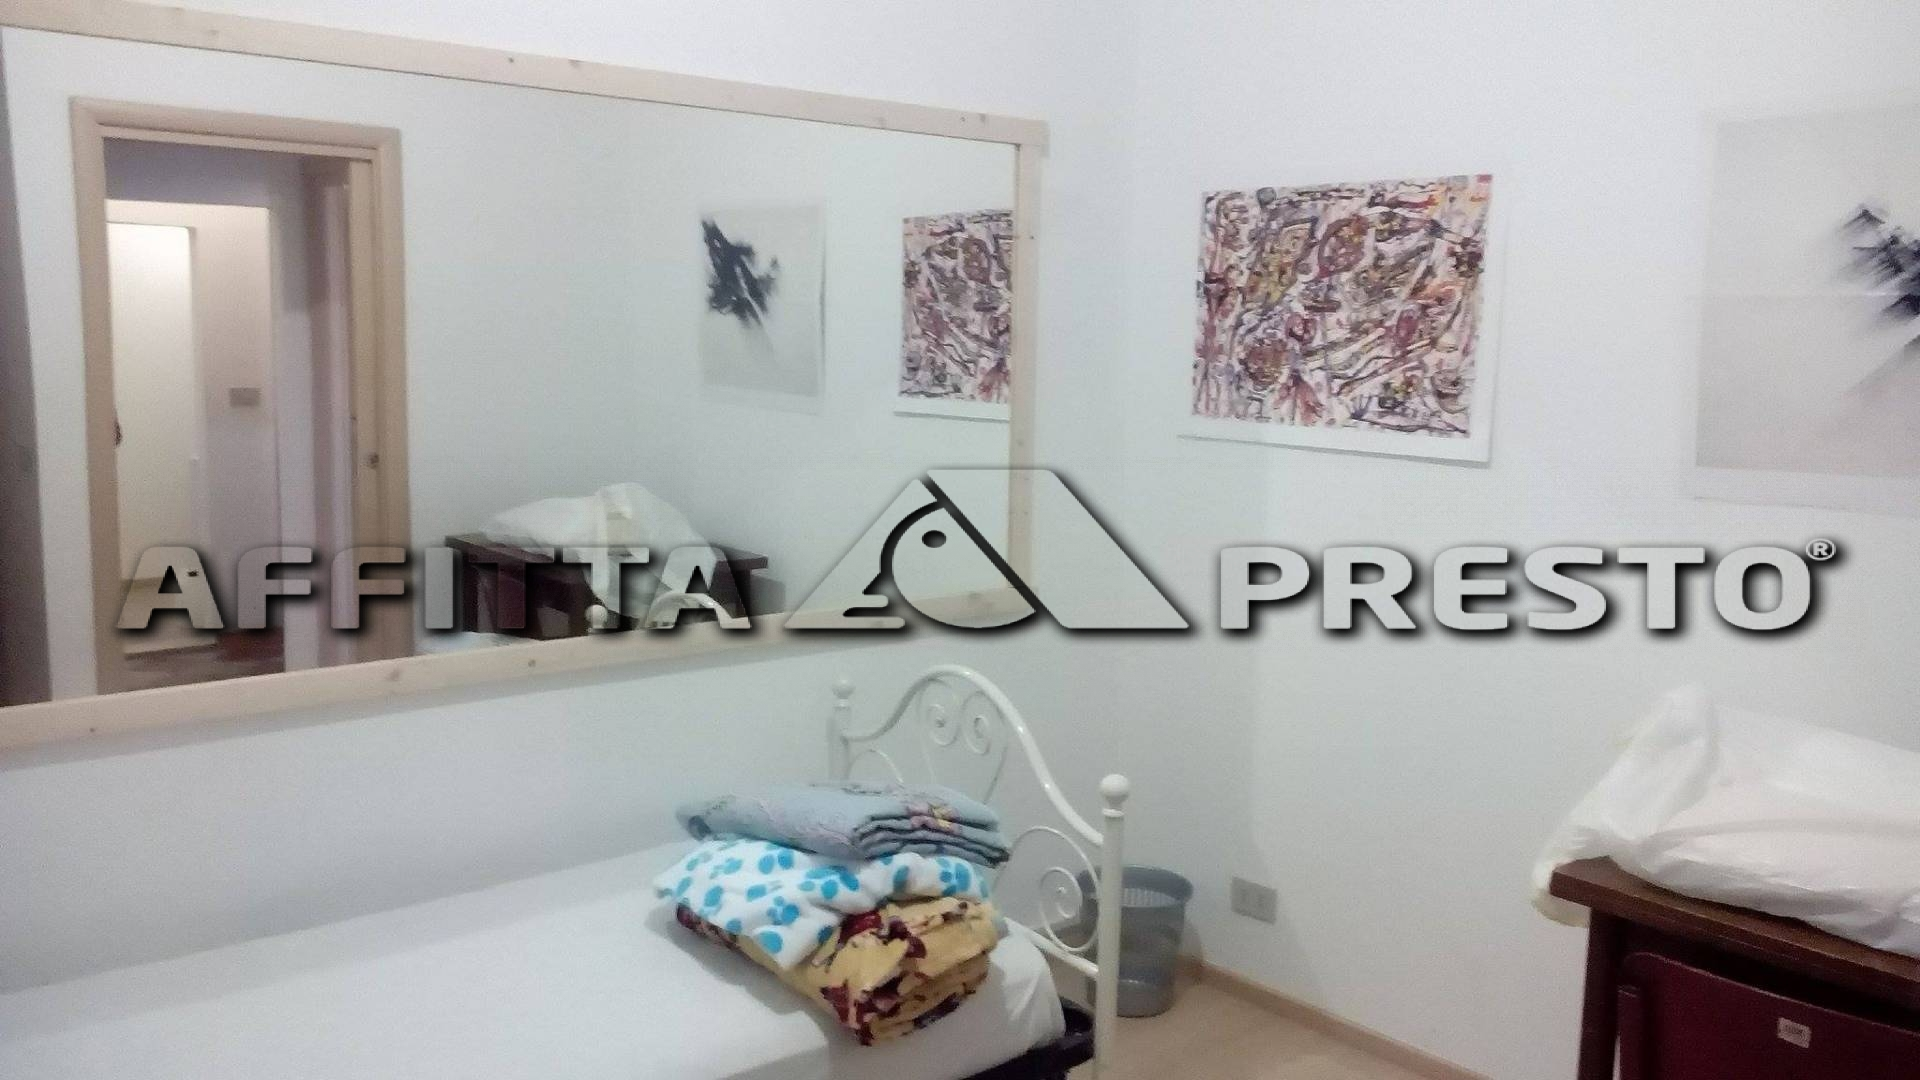 Appartamento in affitto a Pisa, 4 locali, zona Località: Portaamare, prezzo € 850 | CambioCasa.it